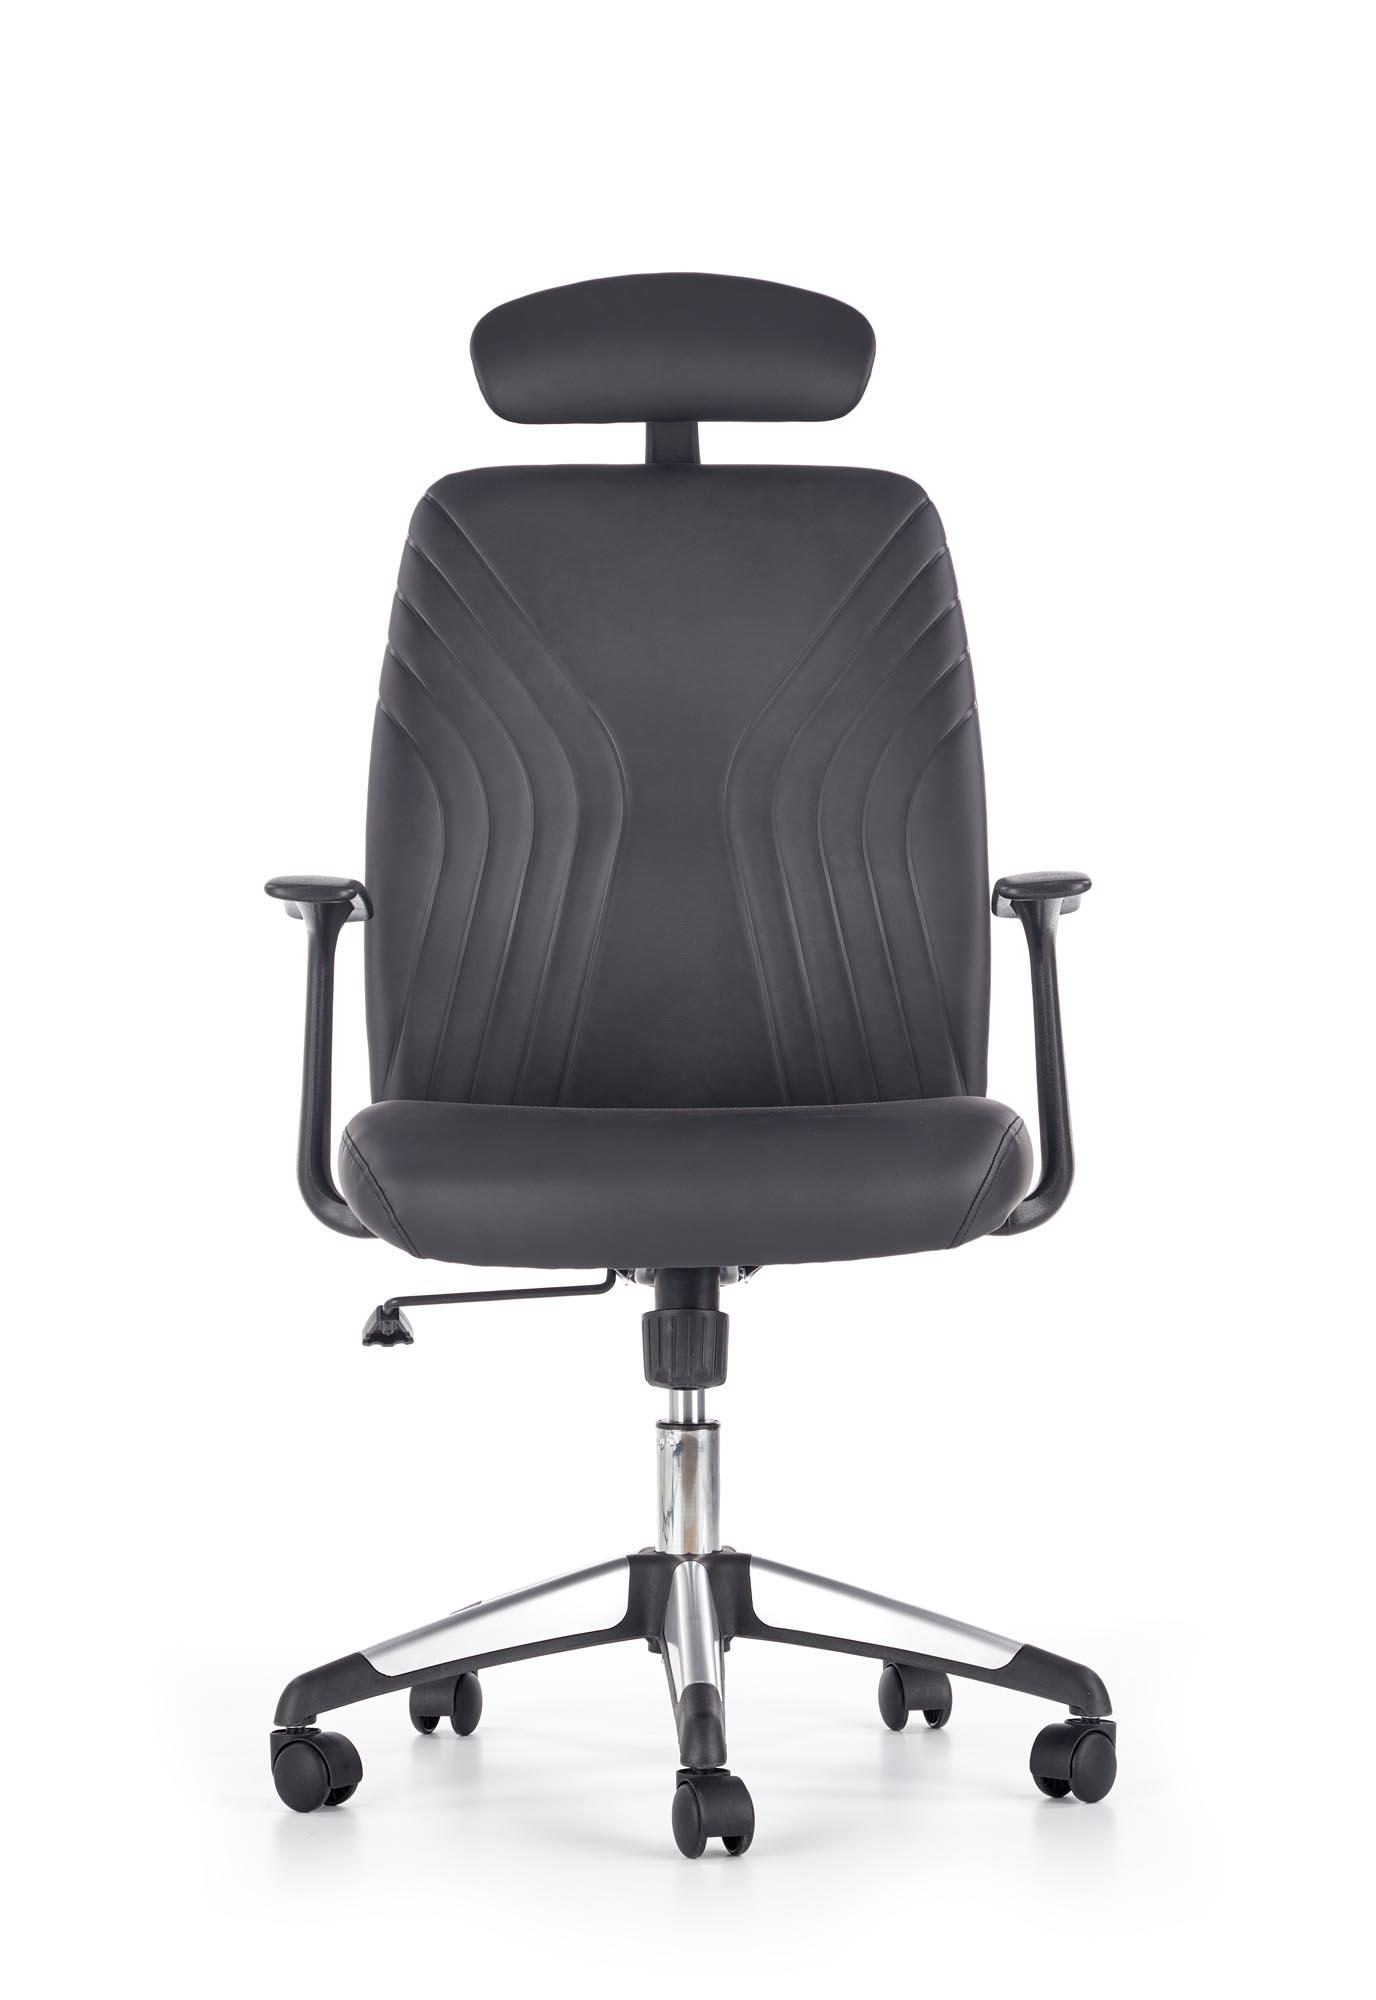 Scaun de birou ergonomic tapitat cu piele ecologica Tolio Black, l60xA63xH110-120 cm imagine